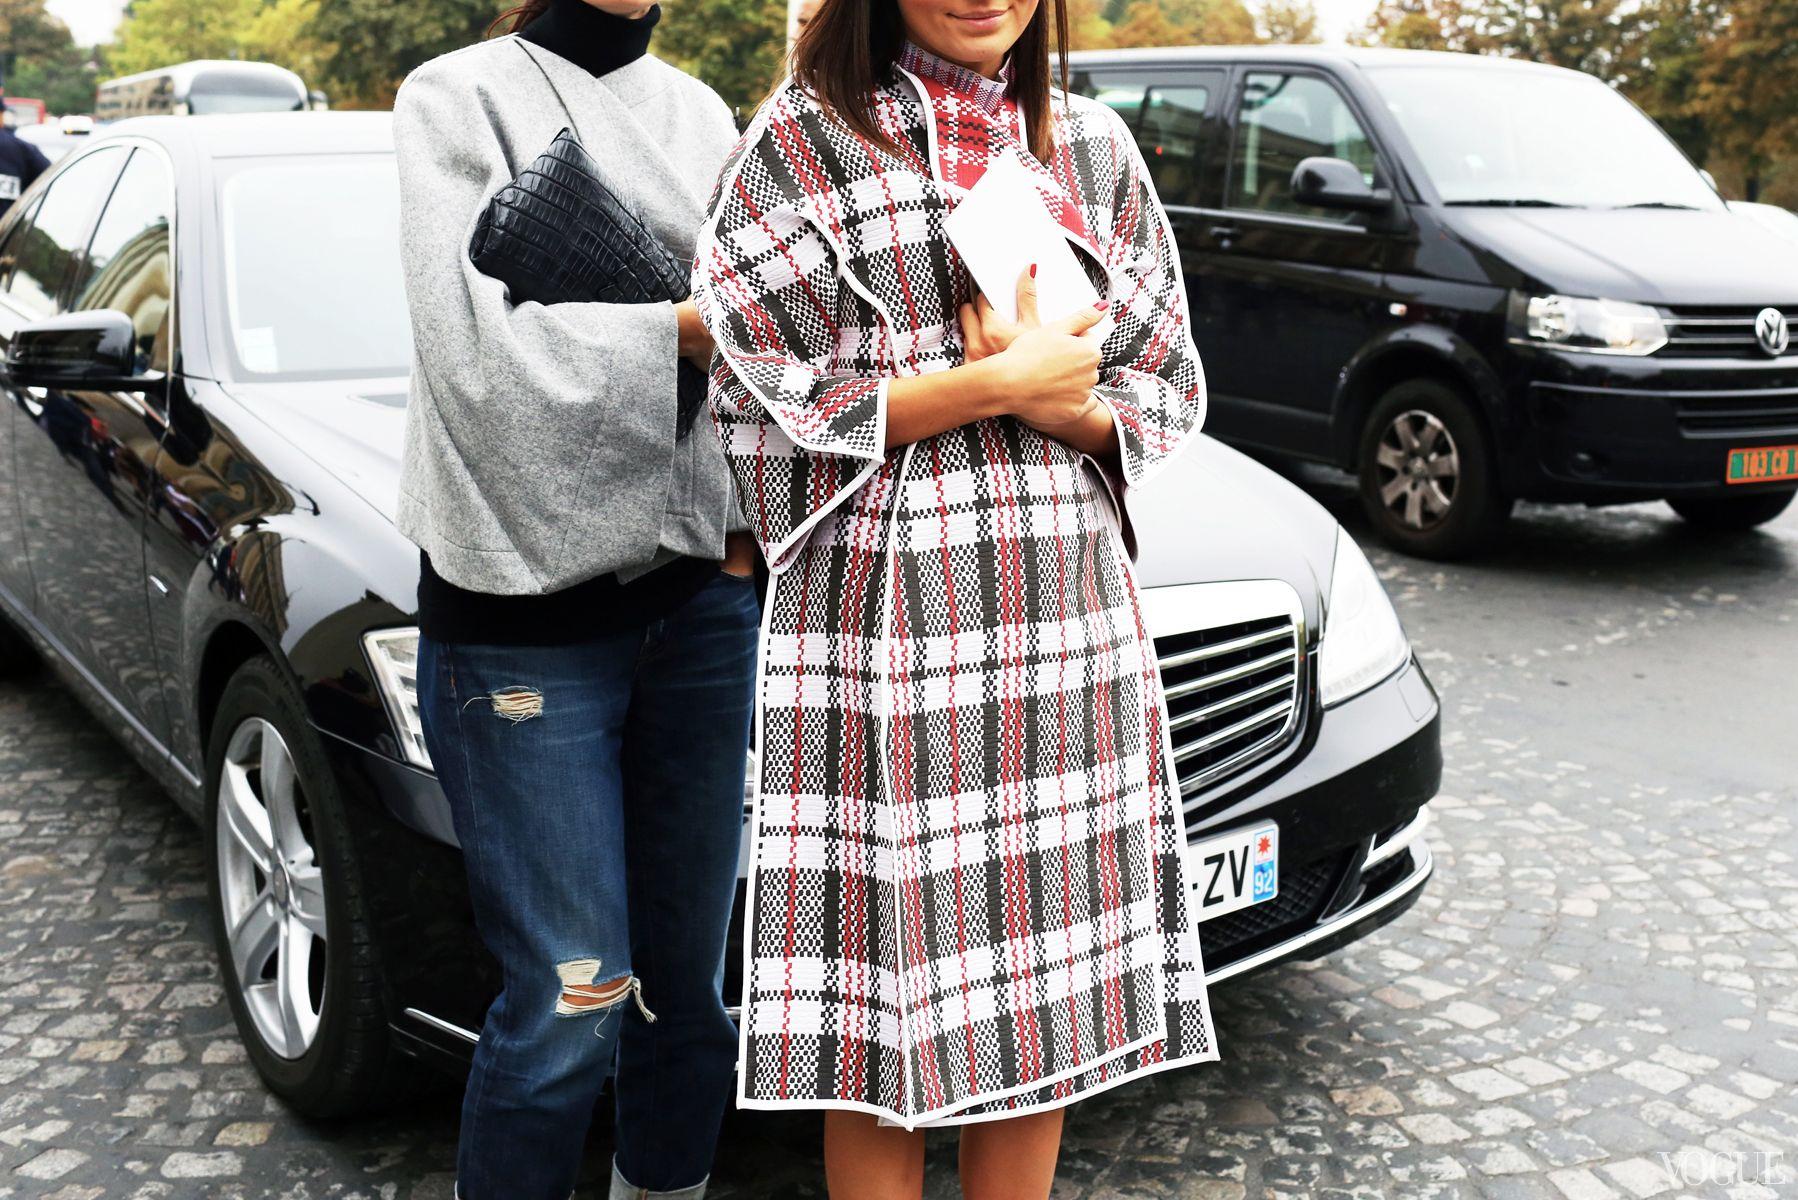 Céline top and coat